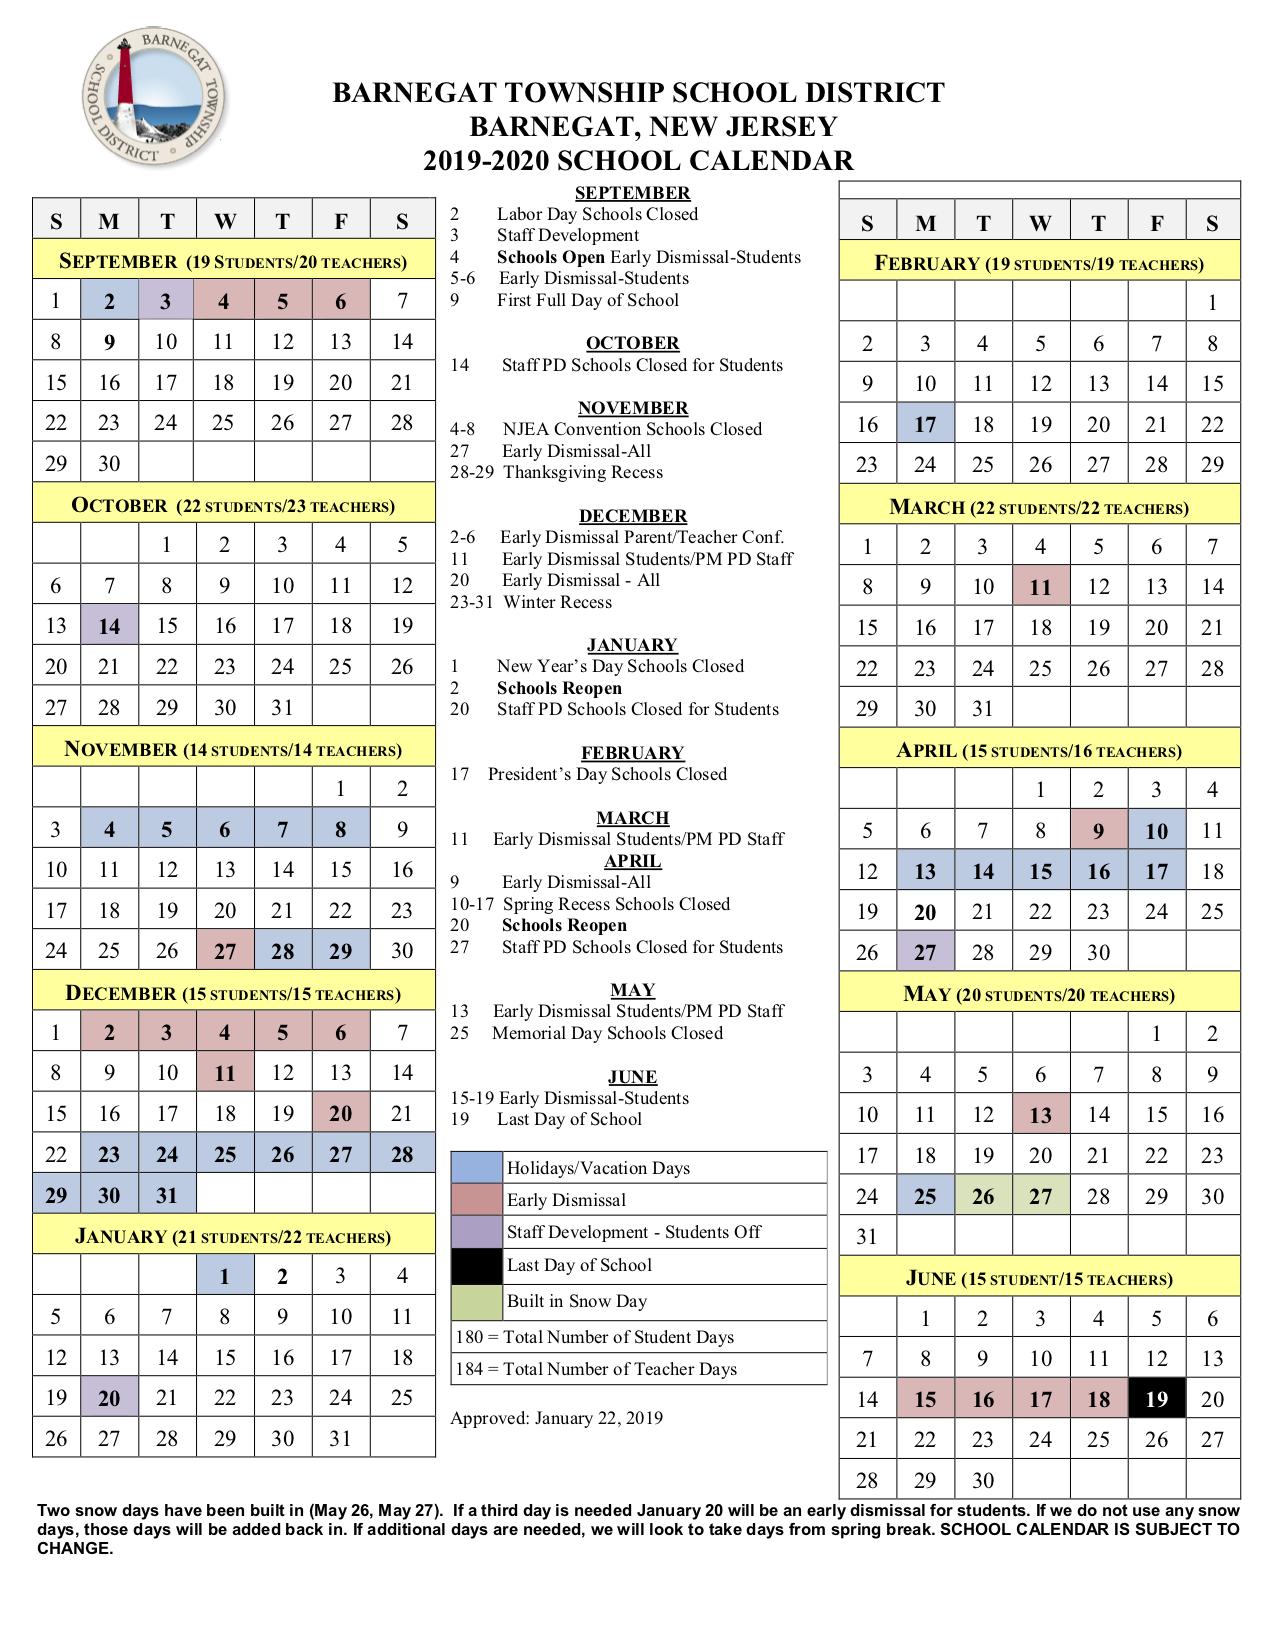 Huff, Jr., R (5Th Gr) / 2019 2020 School Calendar For Boyertown School Calendar